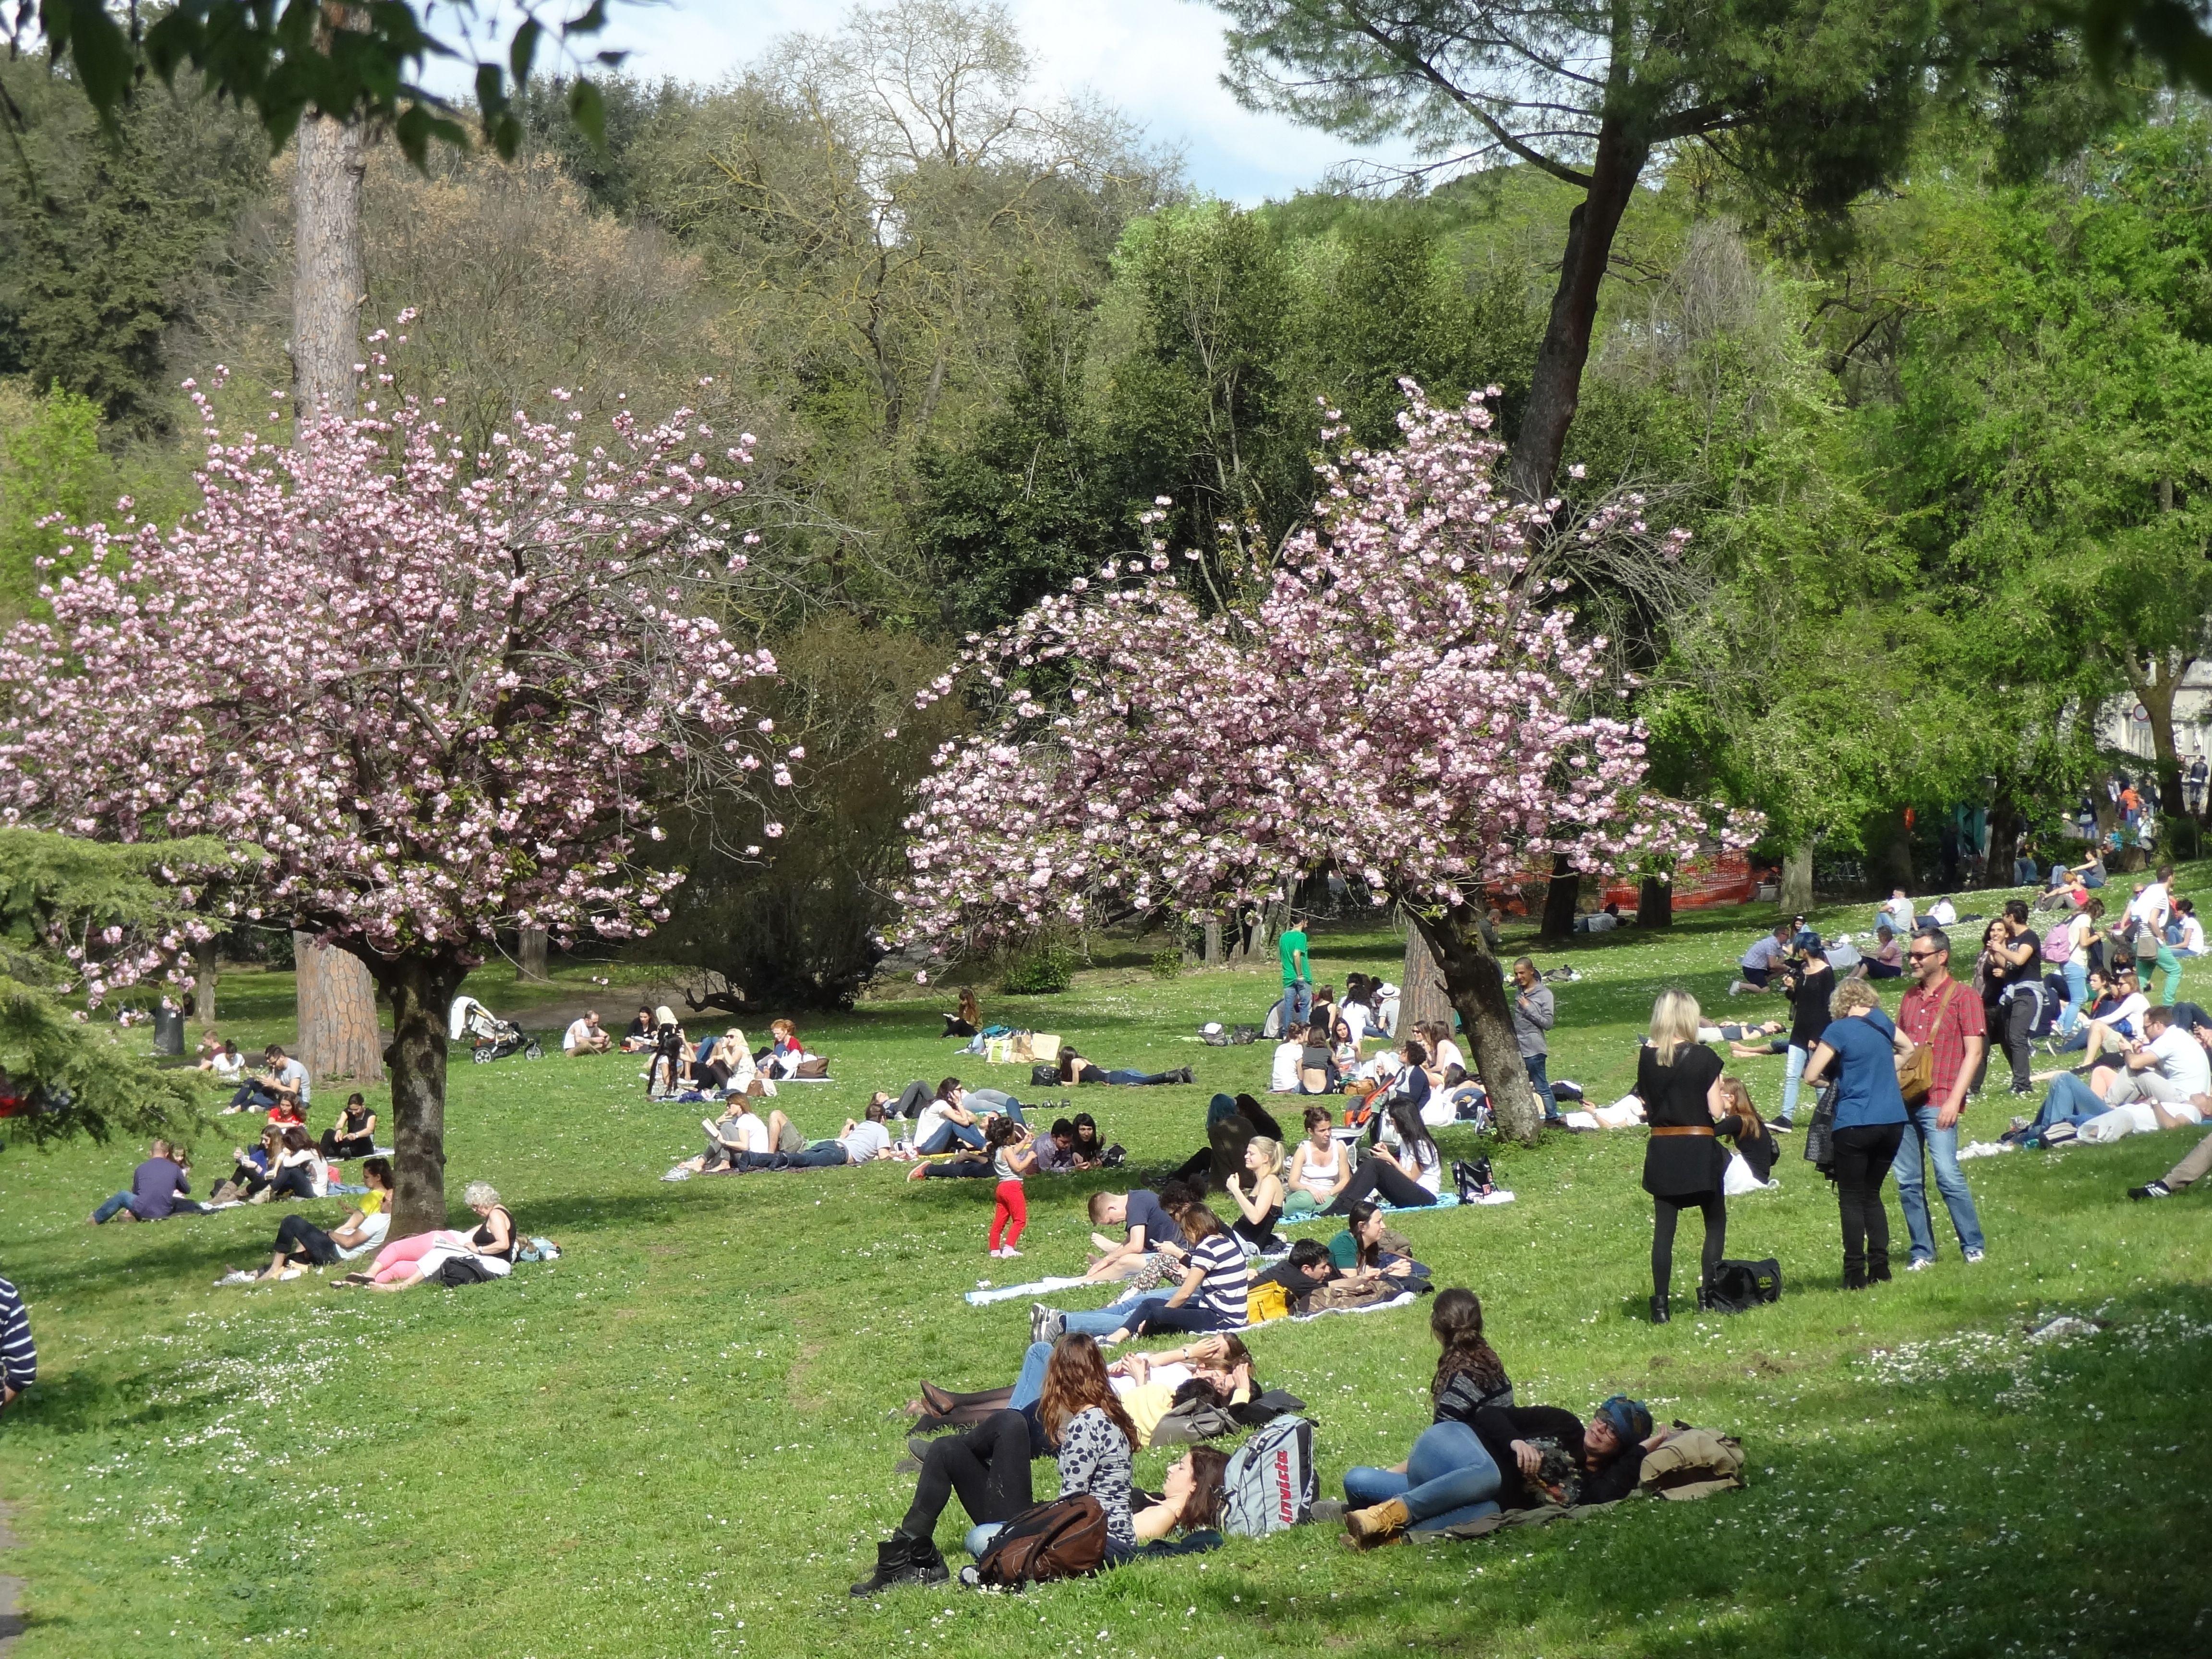 Zum Beispiel Den Frühling Im Park Der Villa Borghese Genießen. Die Villa  Borghese Zählt Zu Den Schönsten Stadtparks In Rom Und Liegt Etwas Oberhalb  ...